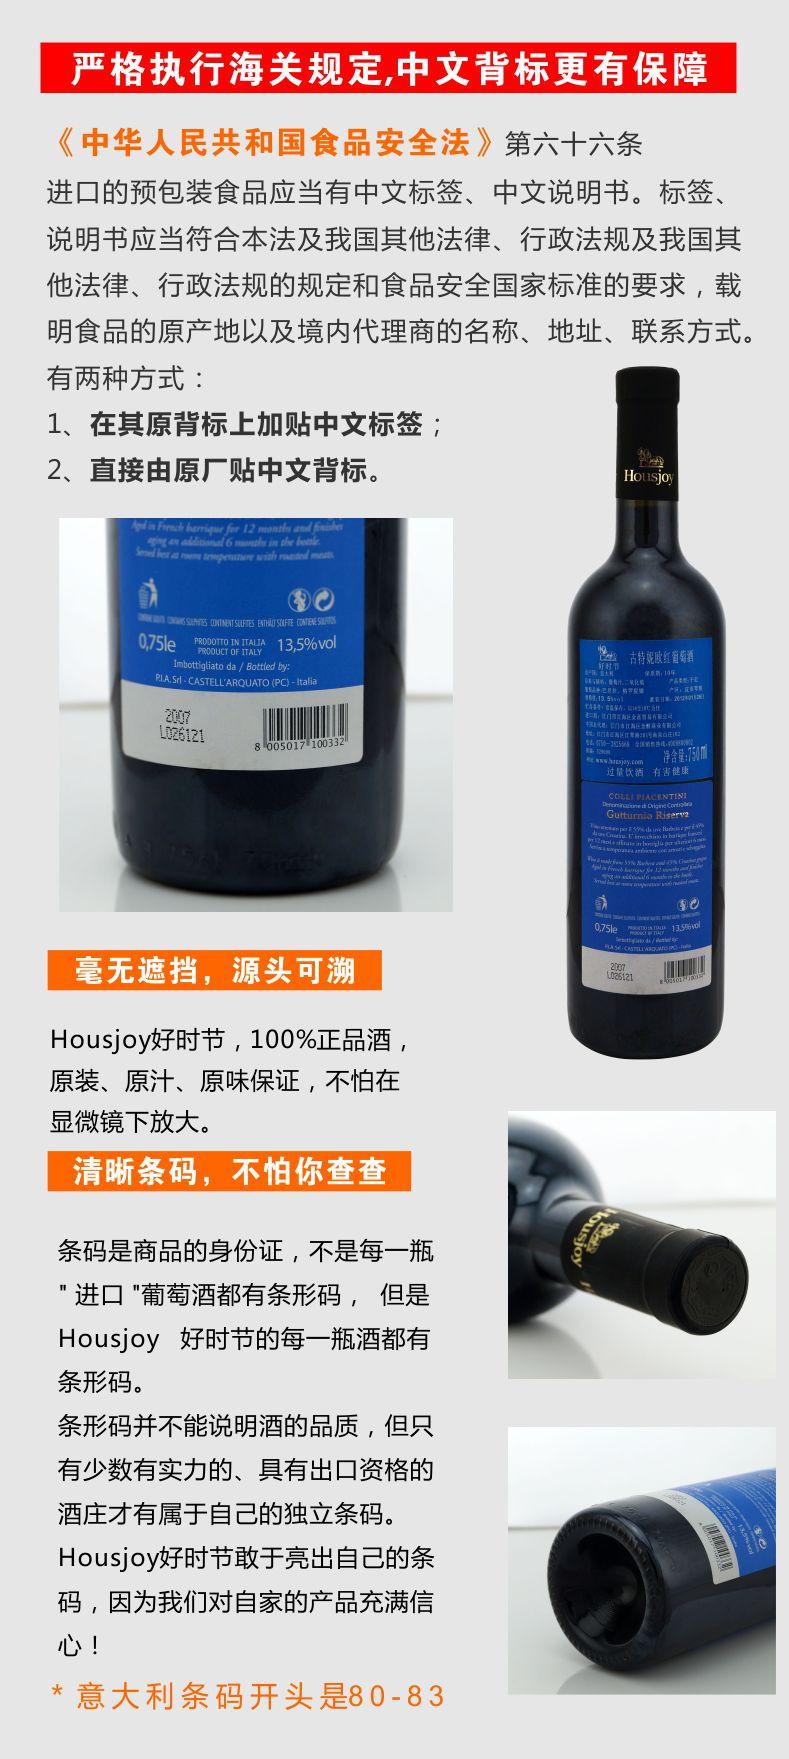 尼 窖藏·古月银-佳宸葡萄酒公司   古绮蒂尼茜洛诗酒庄欧拉高清图片